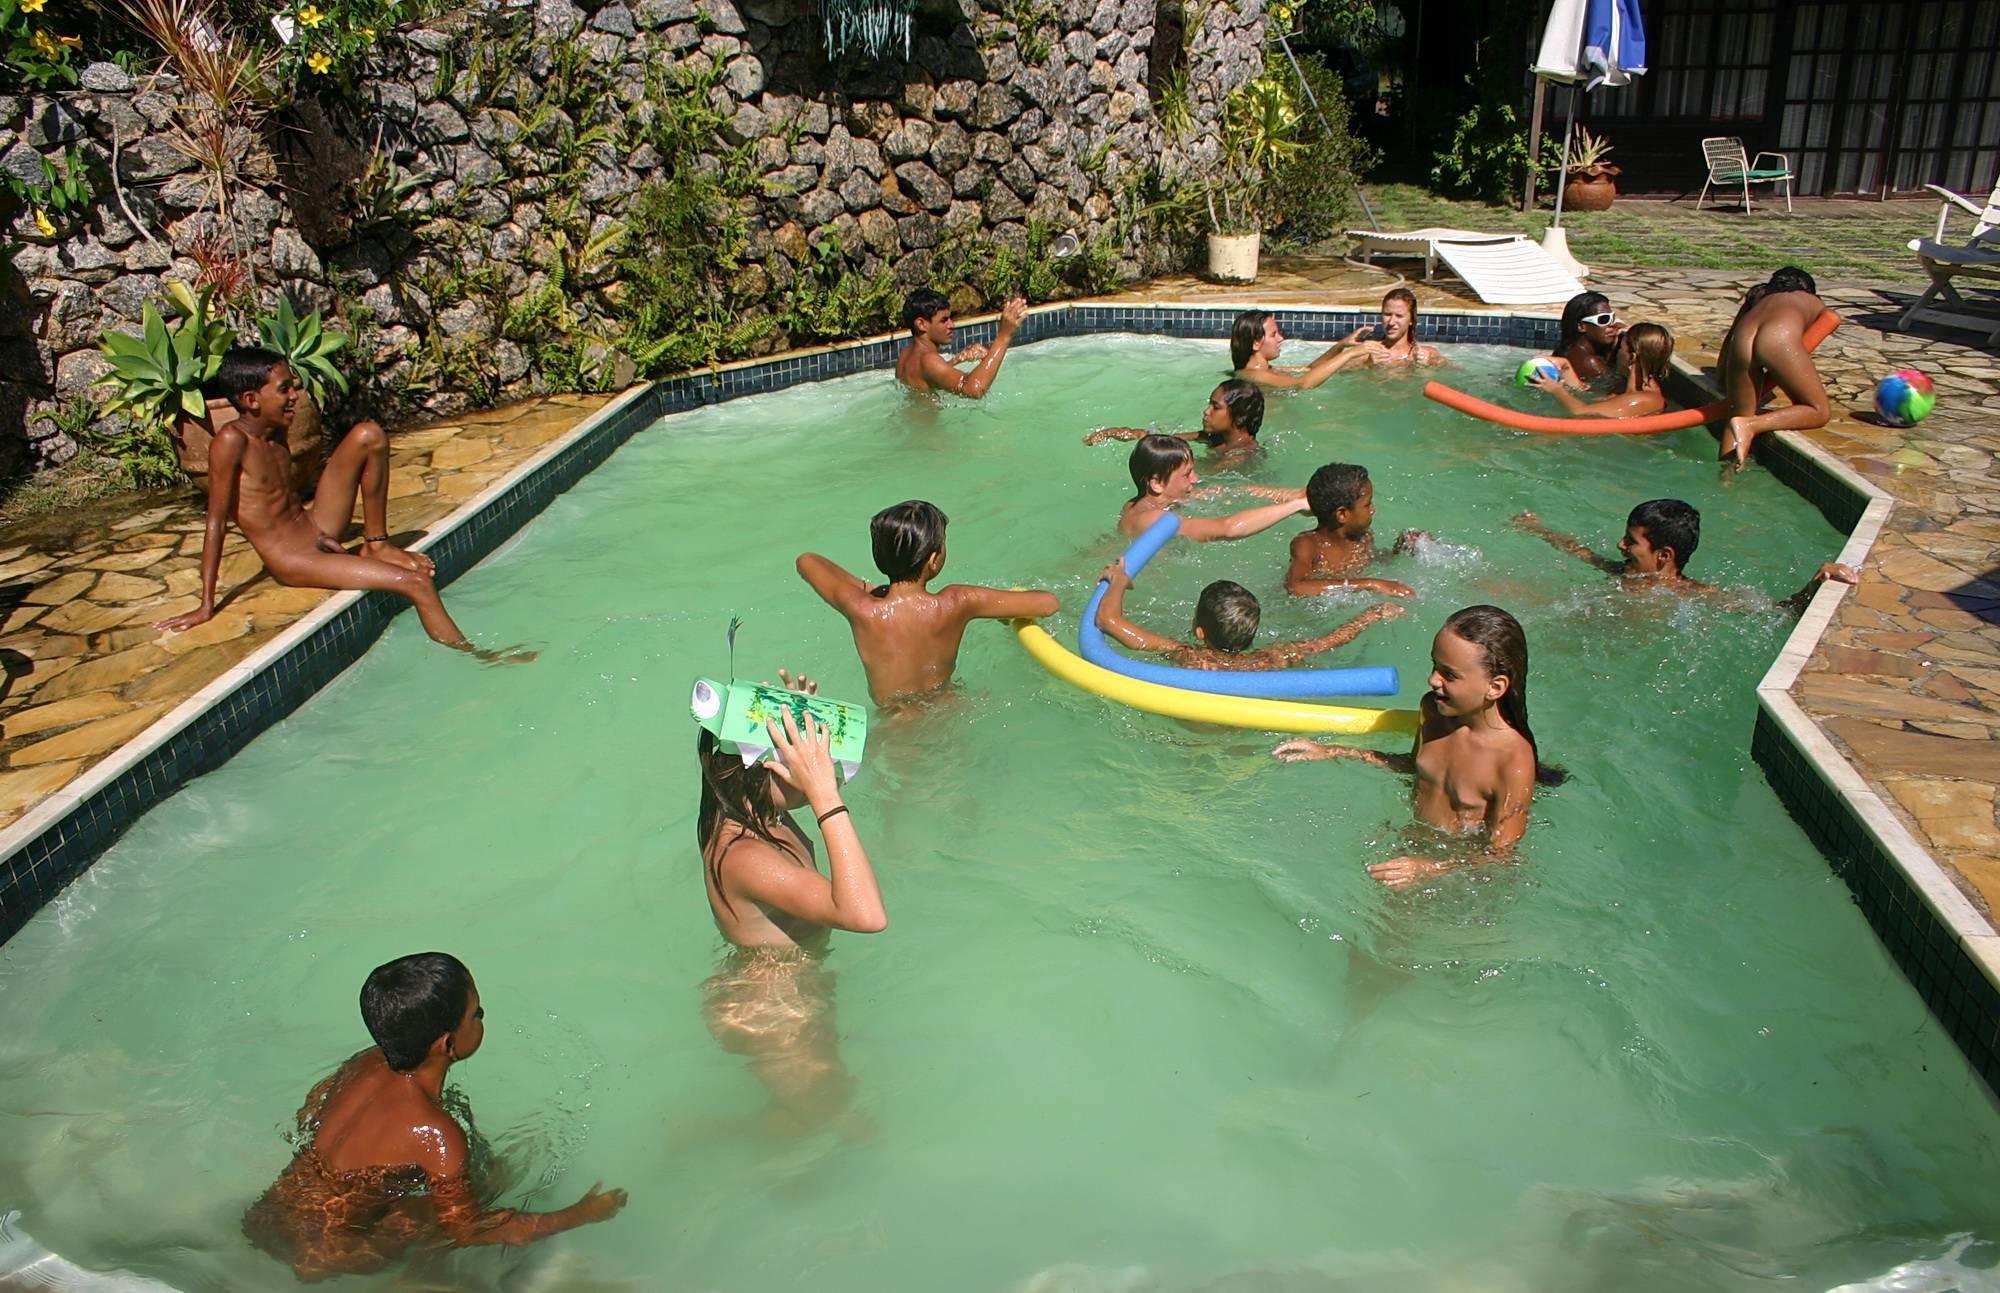 Nudist Pictures Brazilian Outdoor Resort - 1